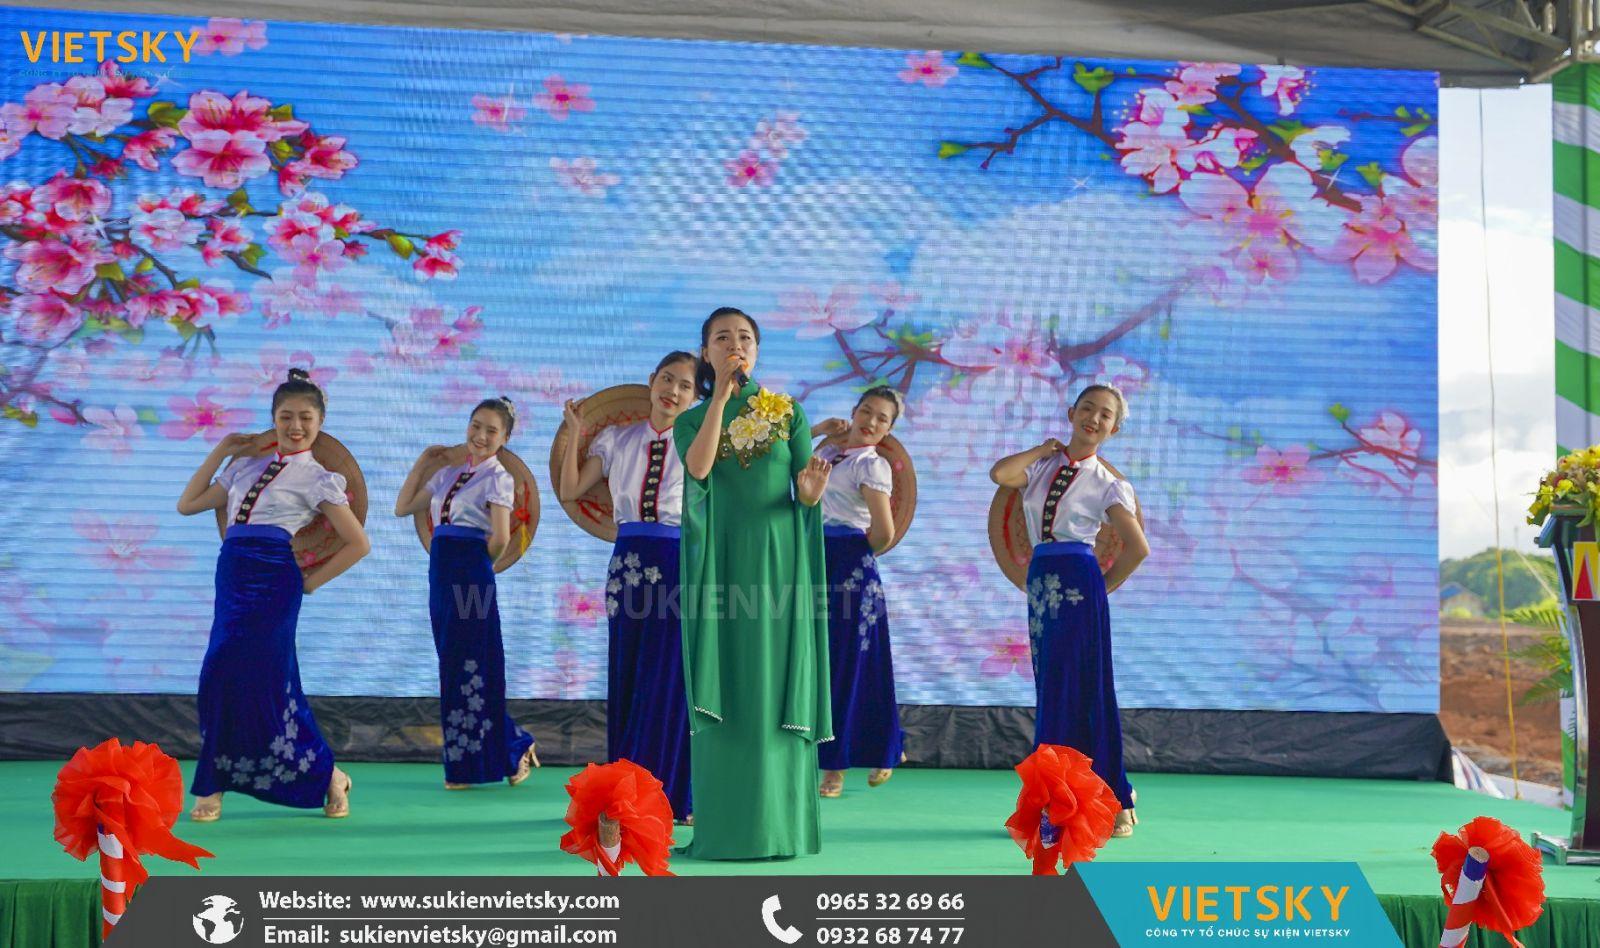 https://tochucsukienchuyennghiep.net/cong-ty-to-chuc-le-khoi-cong-chuyen-nghiep